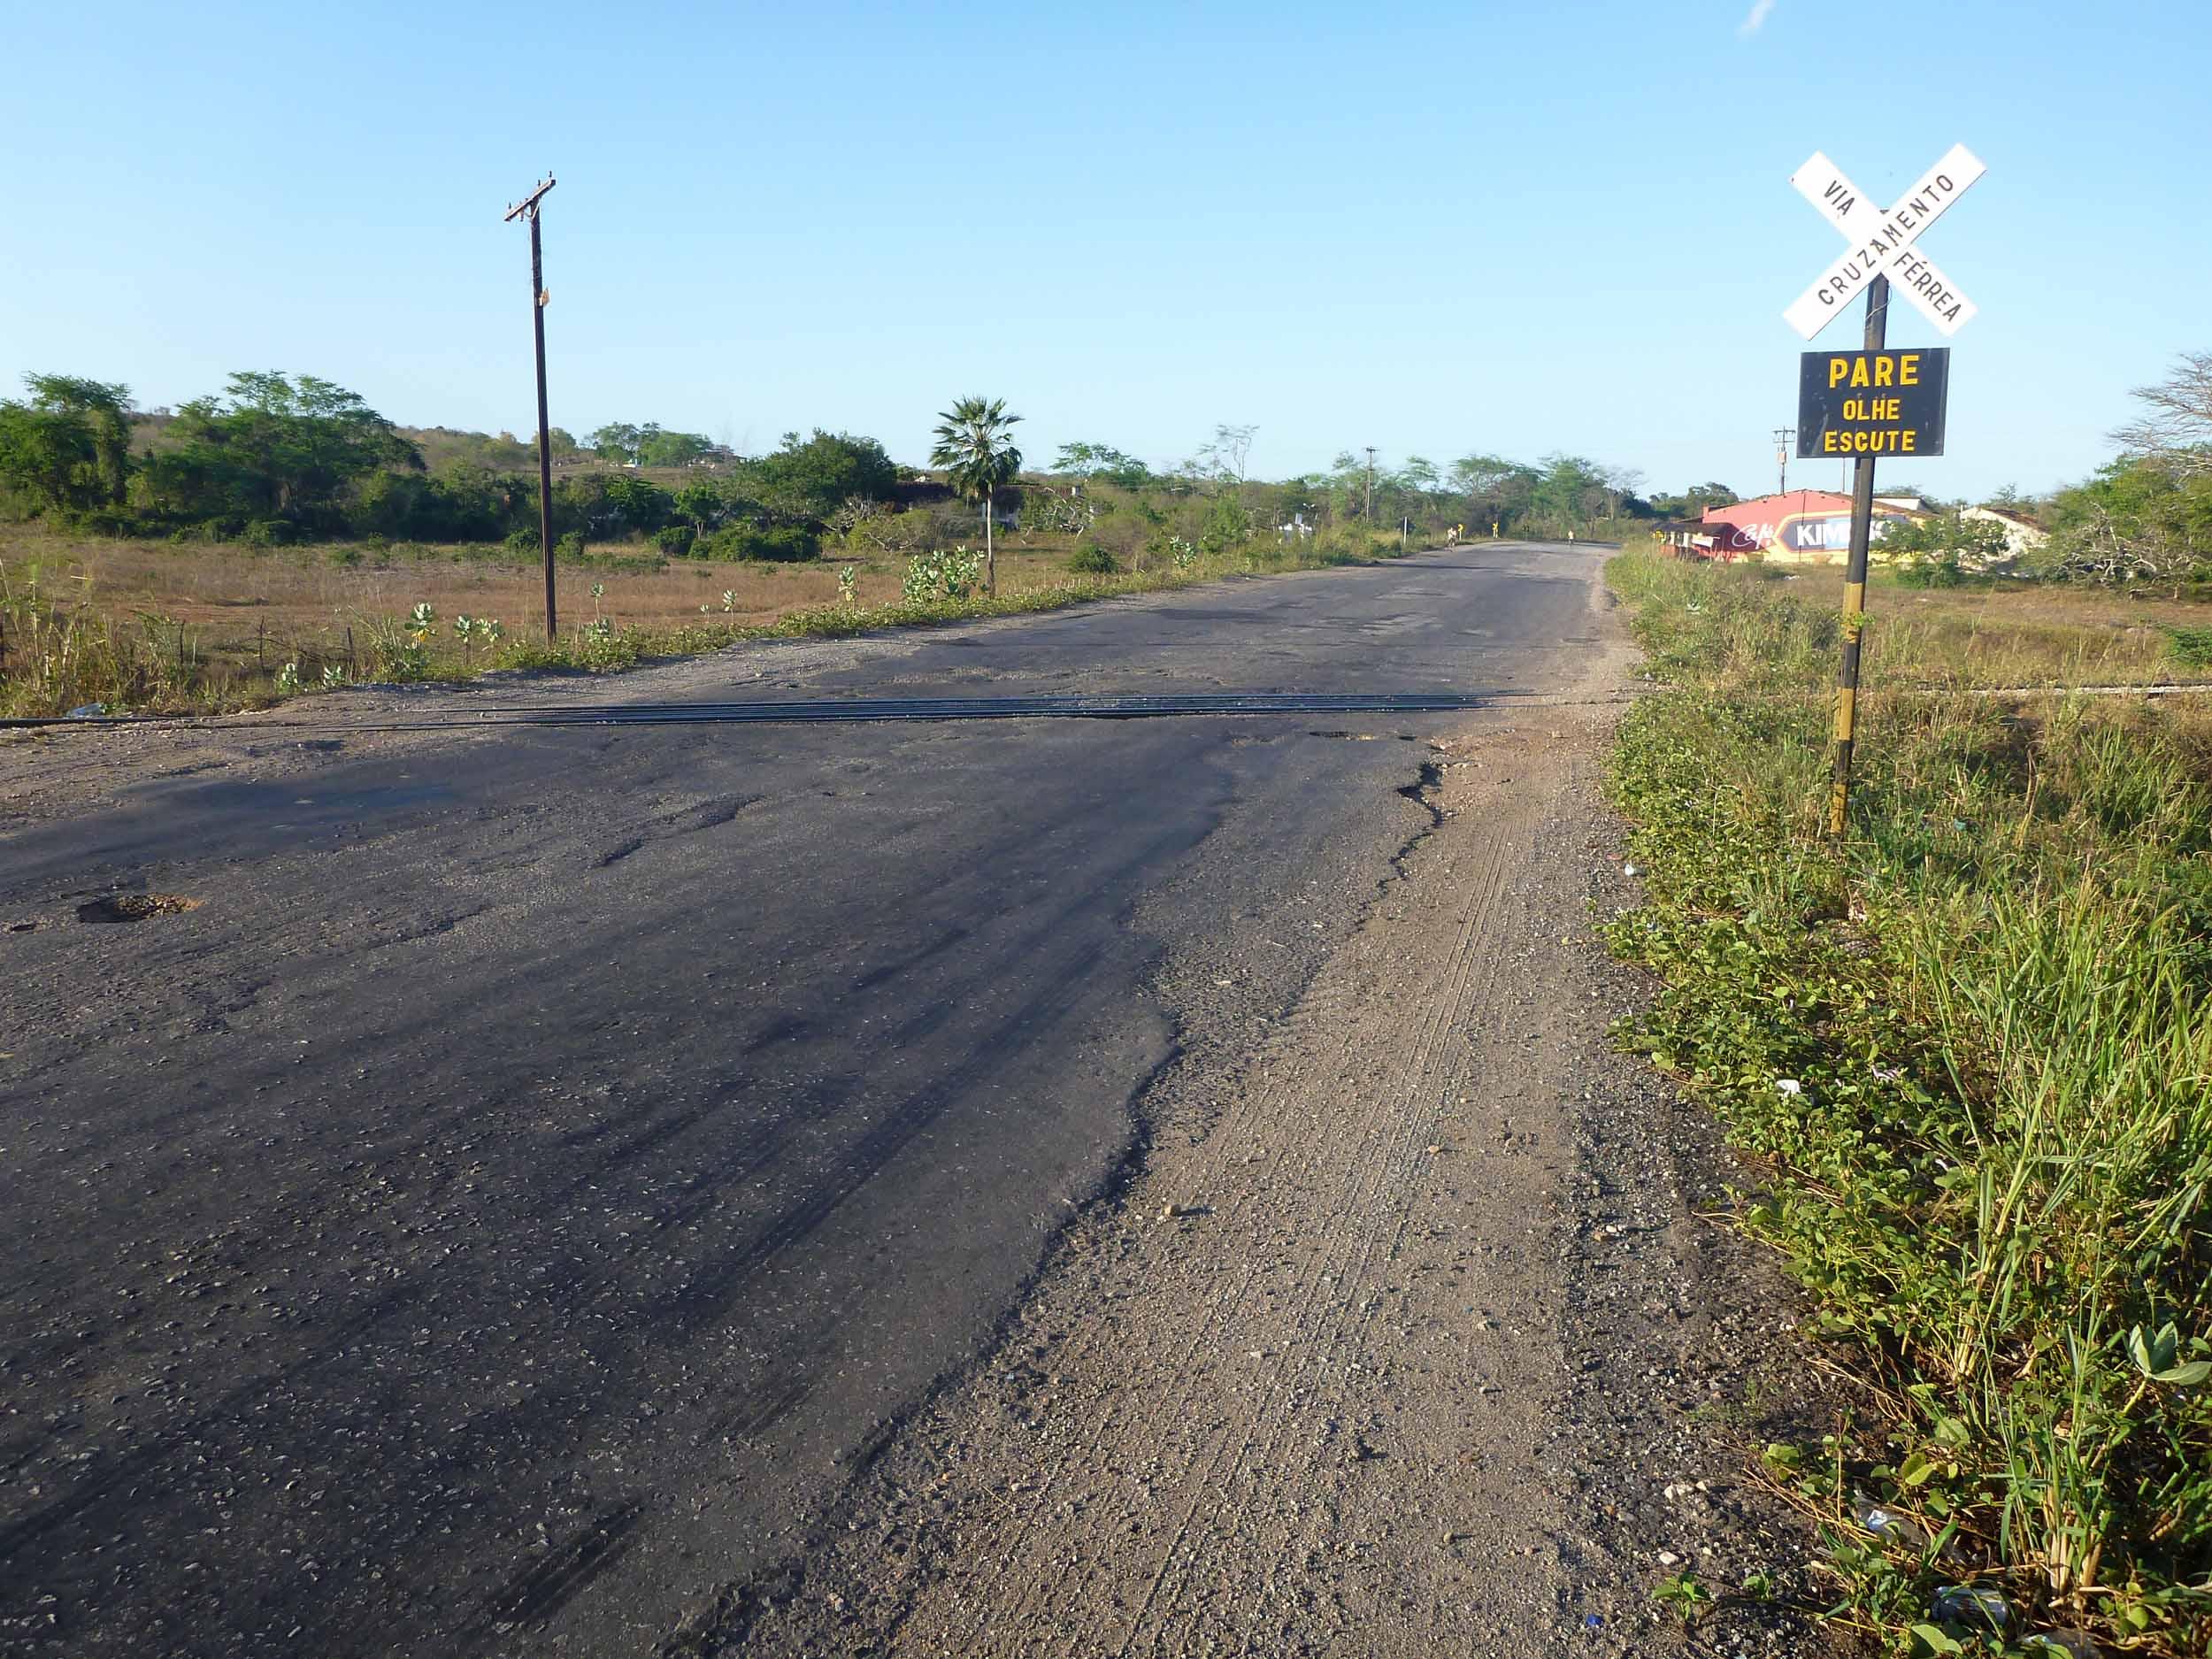 Foram analisados 2.250 quilômetros das rodovias federais (BR) e 1.189 quilômetros das estaduais (CE)